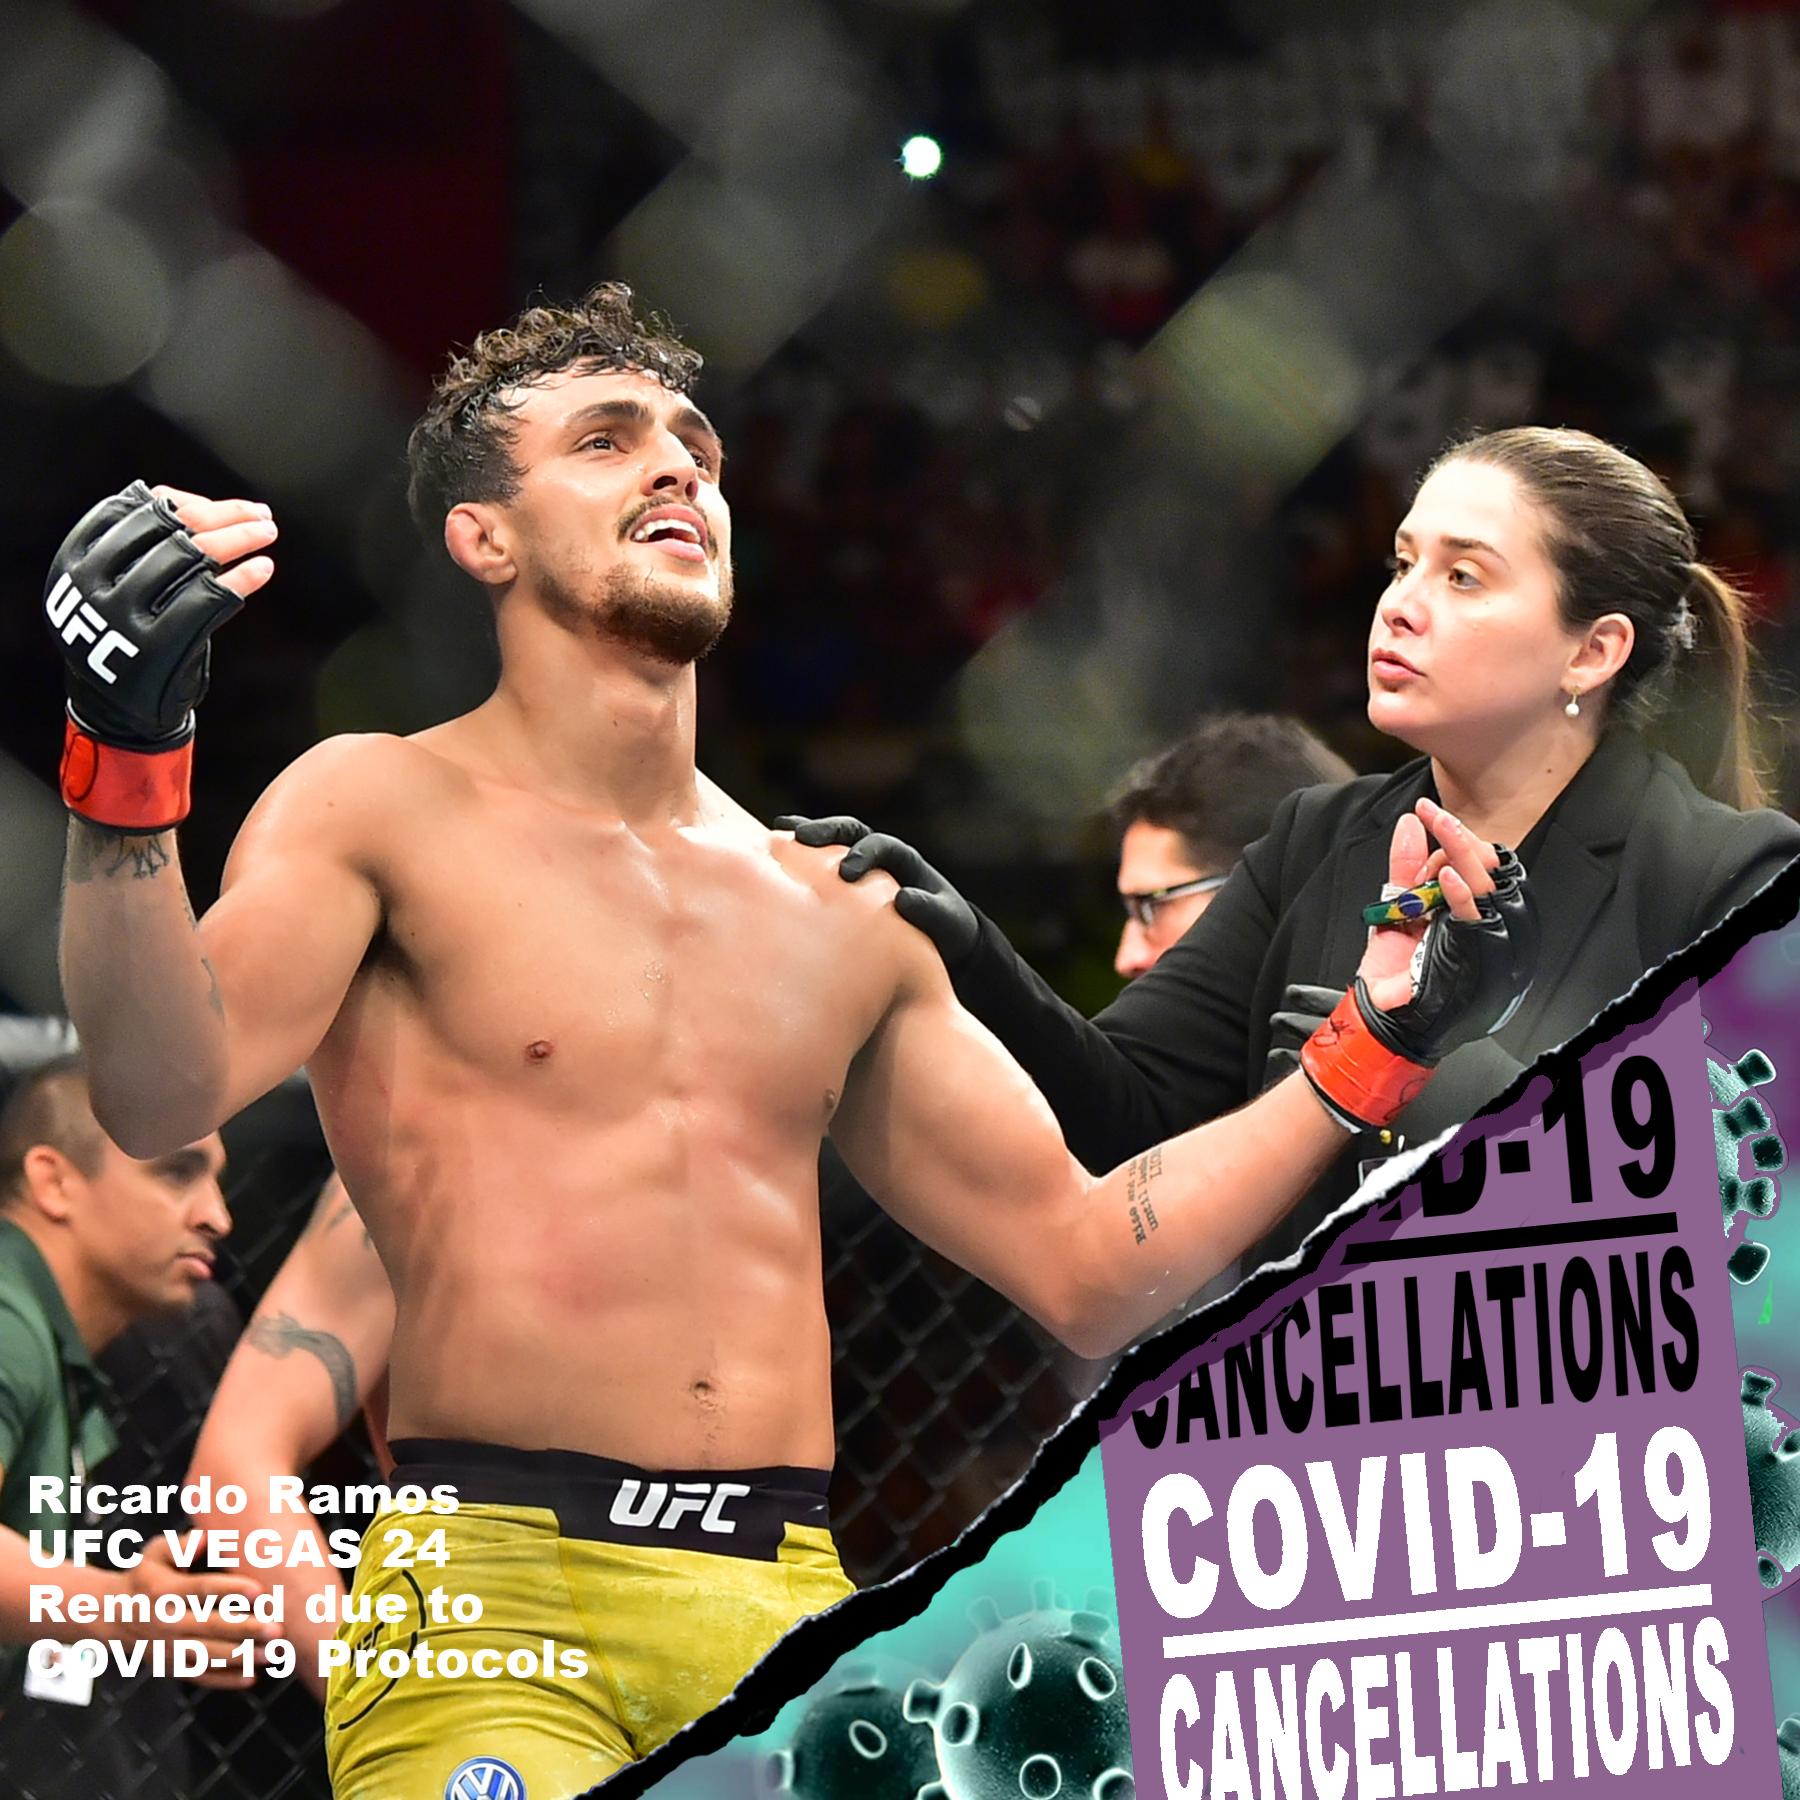 Ricardo Ramos, UFC Vegas 24, COVID-19, Pandemic, Coronavirus, UFC and Covid, COVID-19 Protocols, Ricardo Ramos vs Bill Algeo,